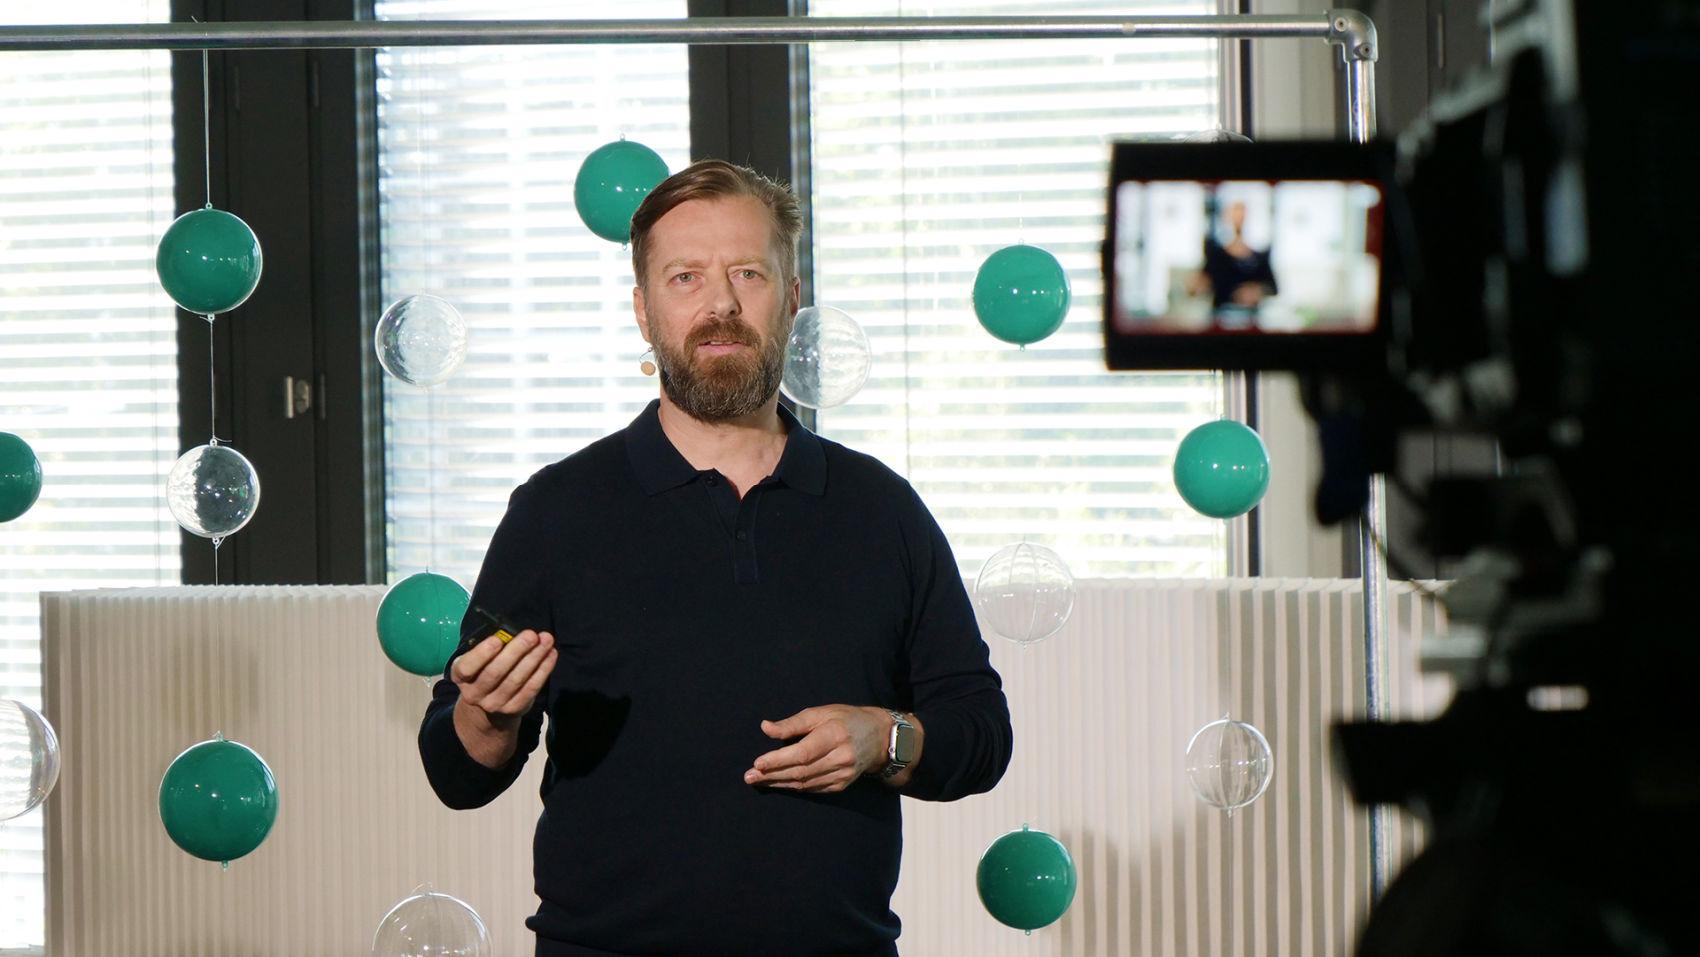 Keynote Speaker Zukunft der Medizin und Digital Health Bart de Witte bei Future Shapers